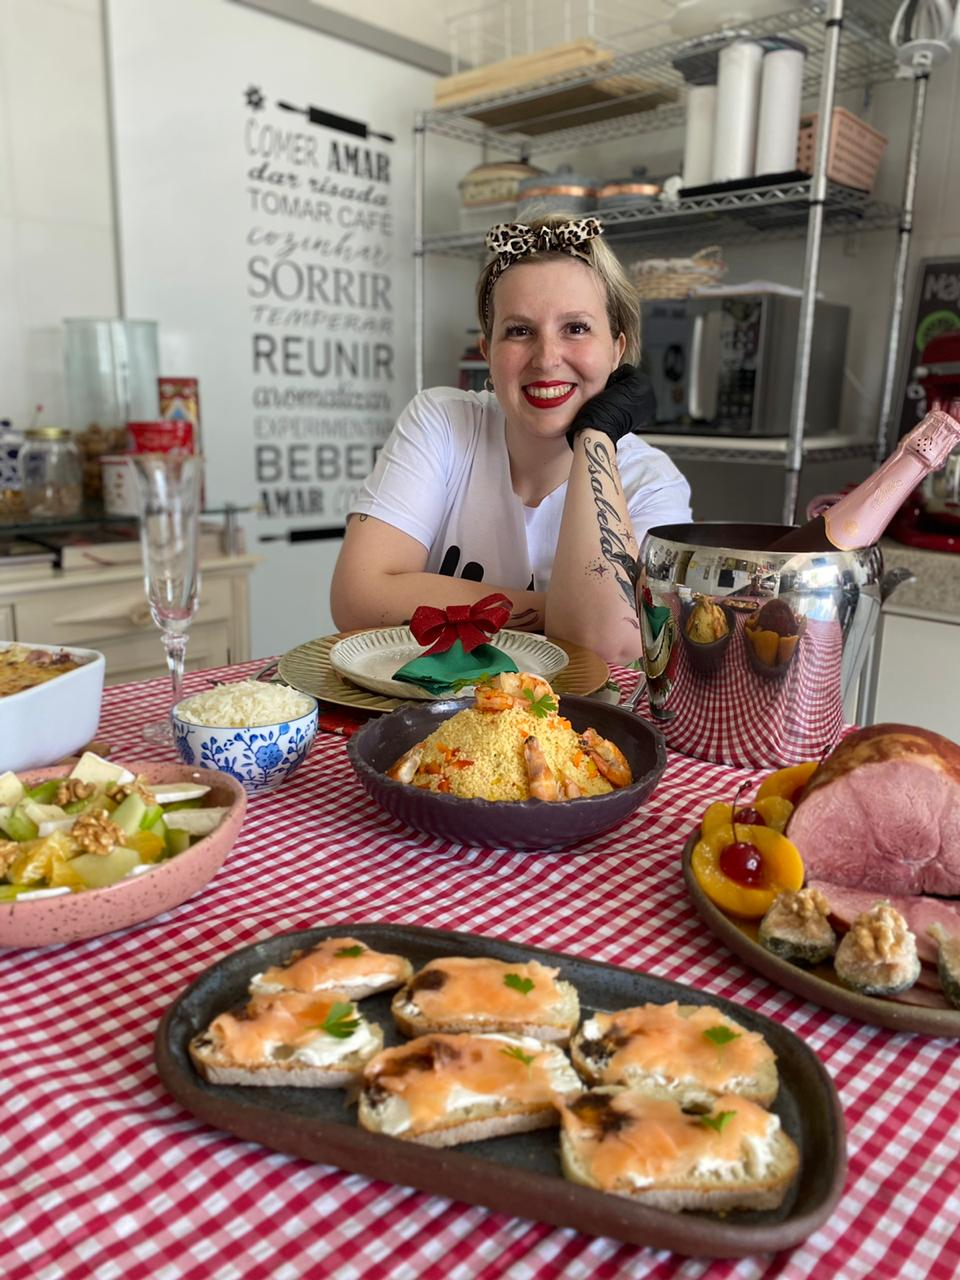 Ceia petit de natal: nova aposta gastronômica garante as celebrações em Brasília